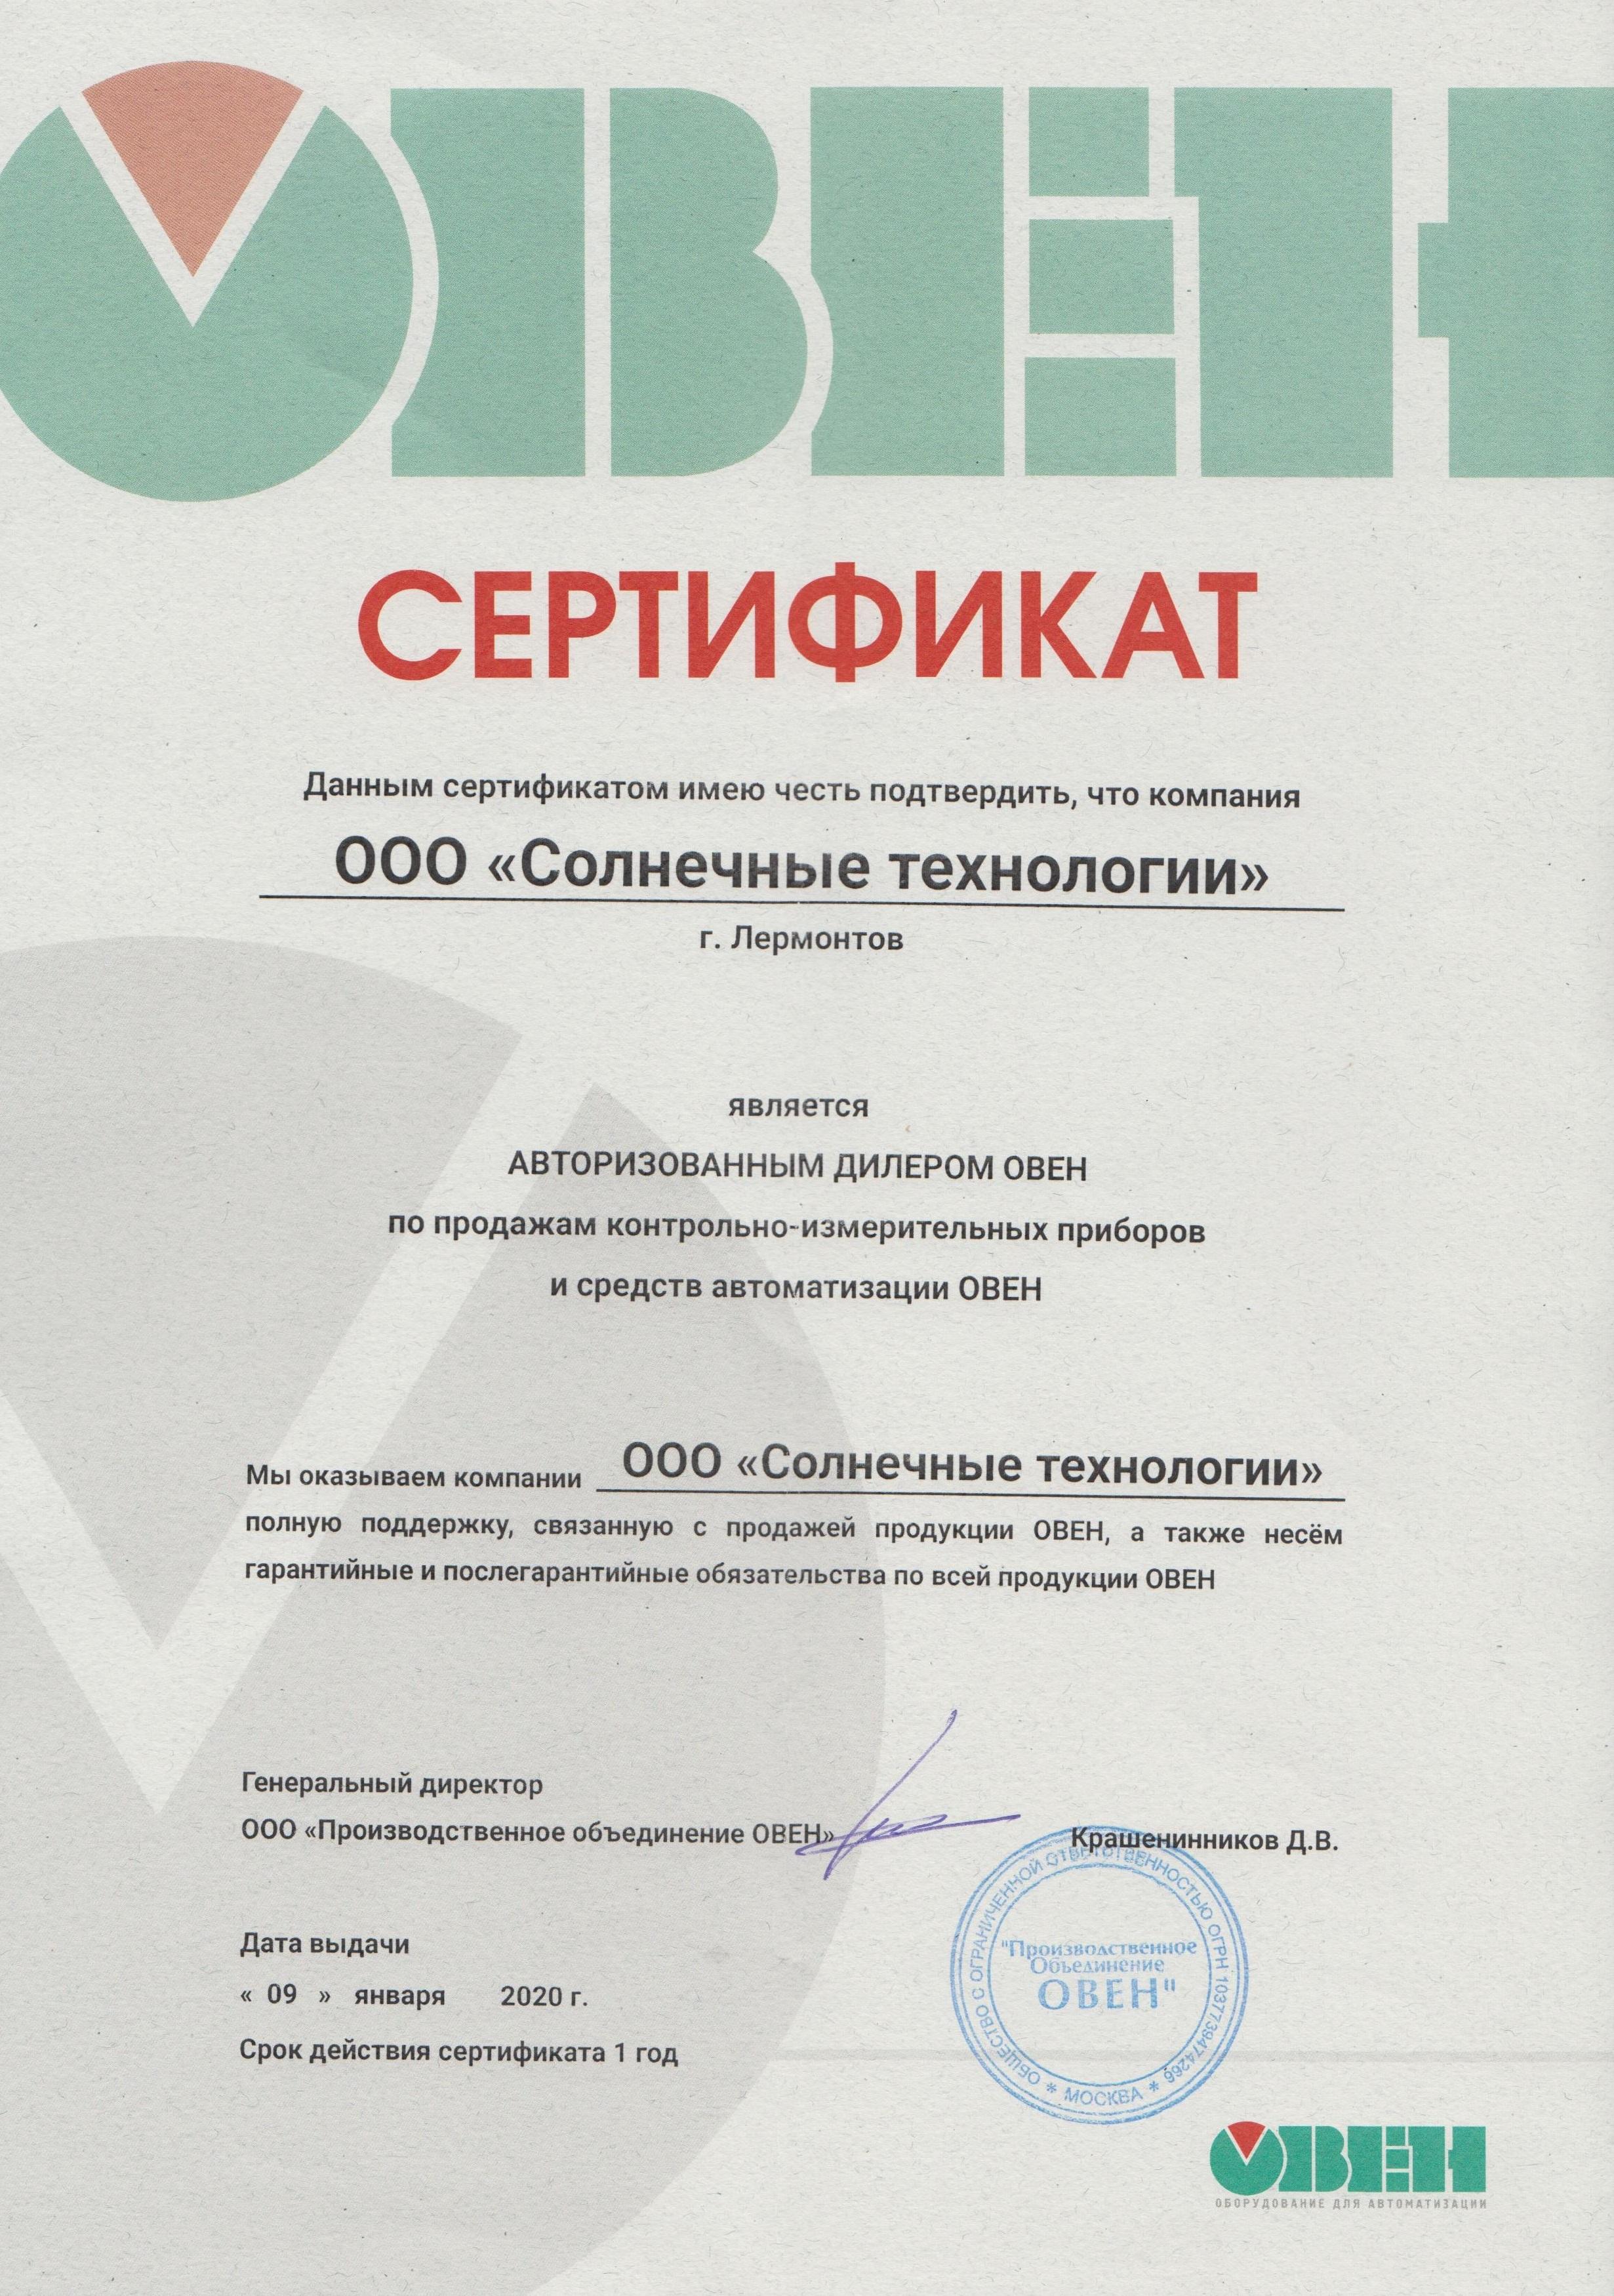 Сертификат официального дилера завода ОВЕН